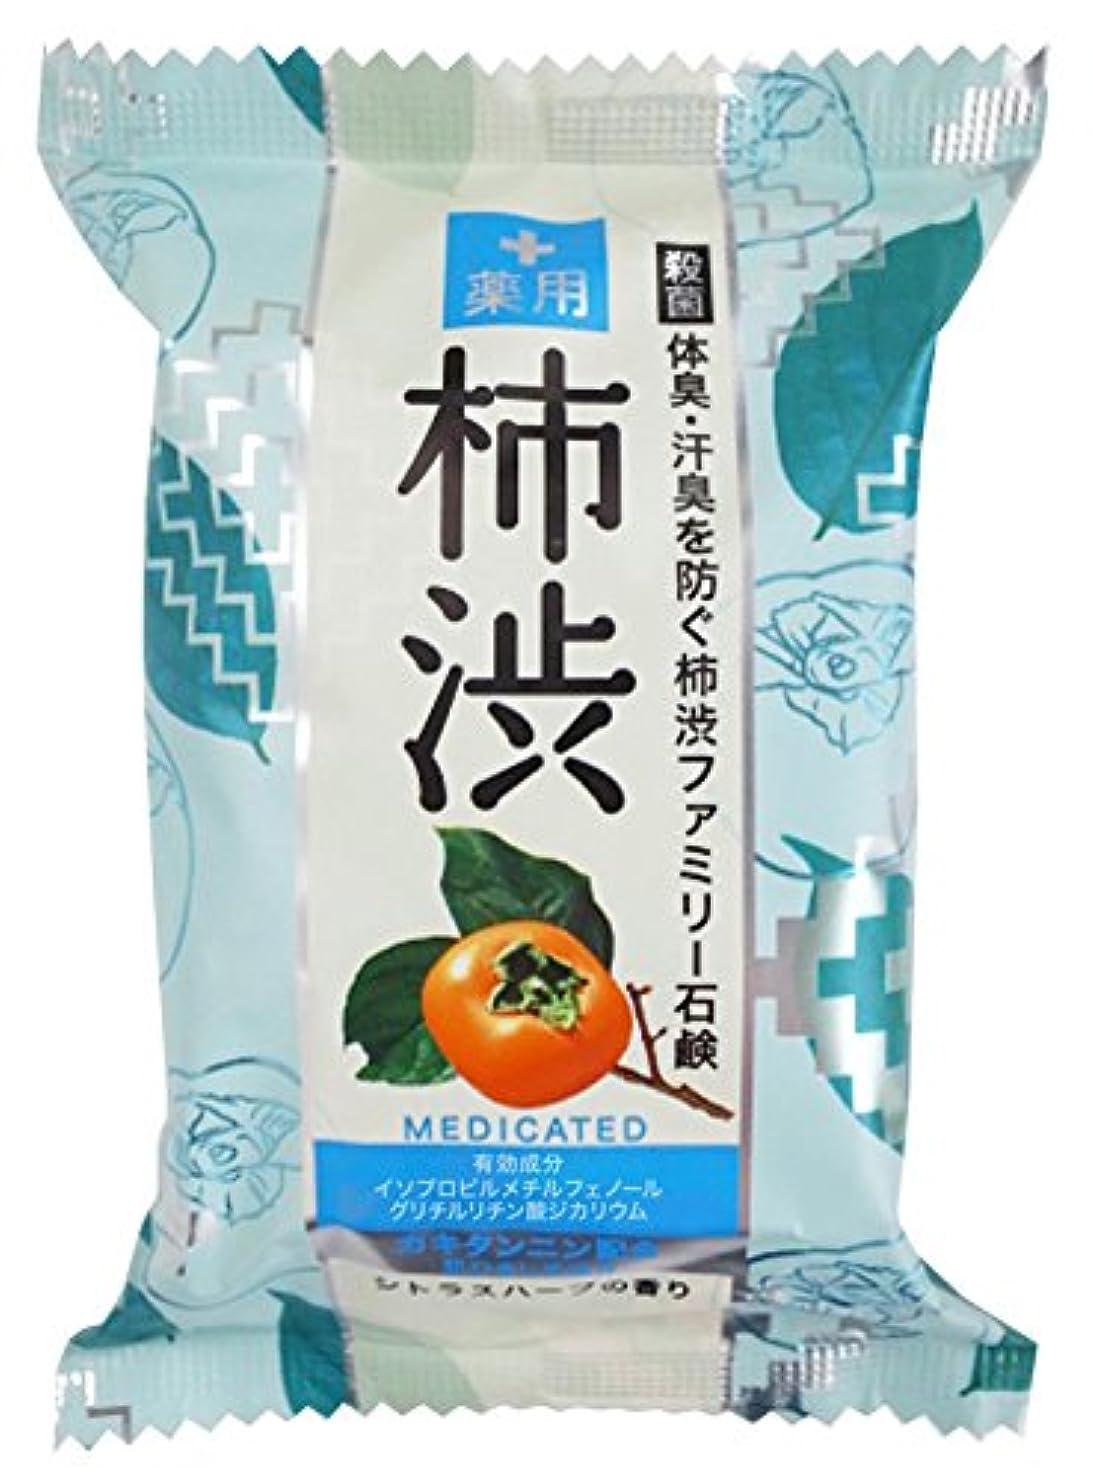 イベント限られた篭ペリカン石鹸 薬用ファミリー柿渋石鹸